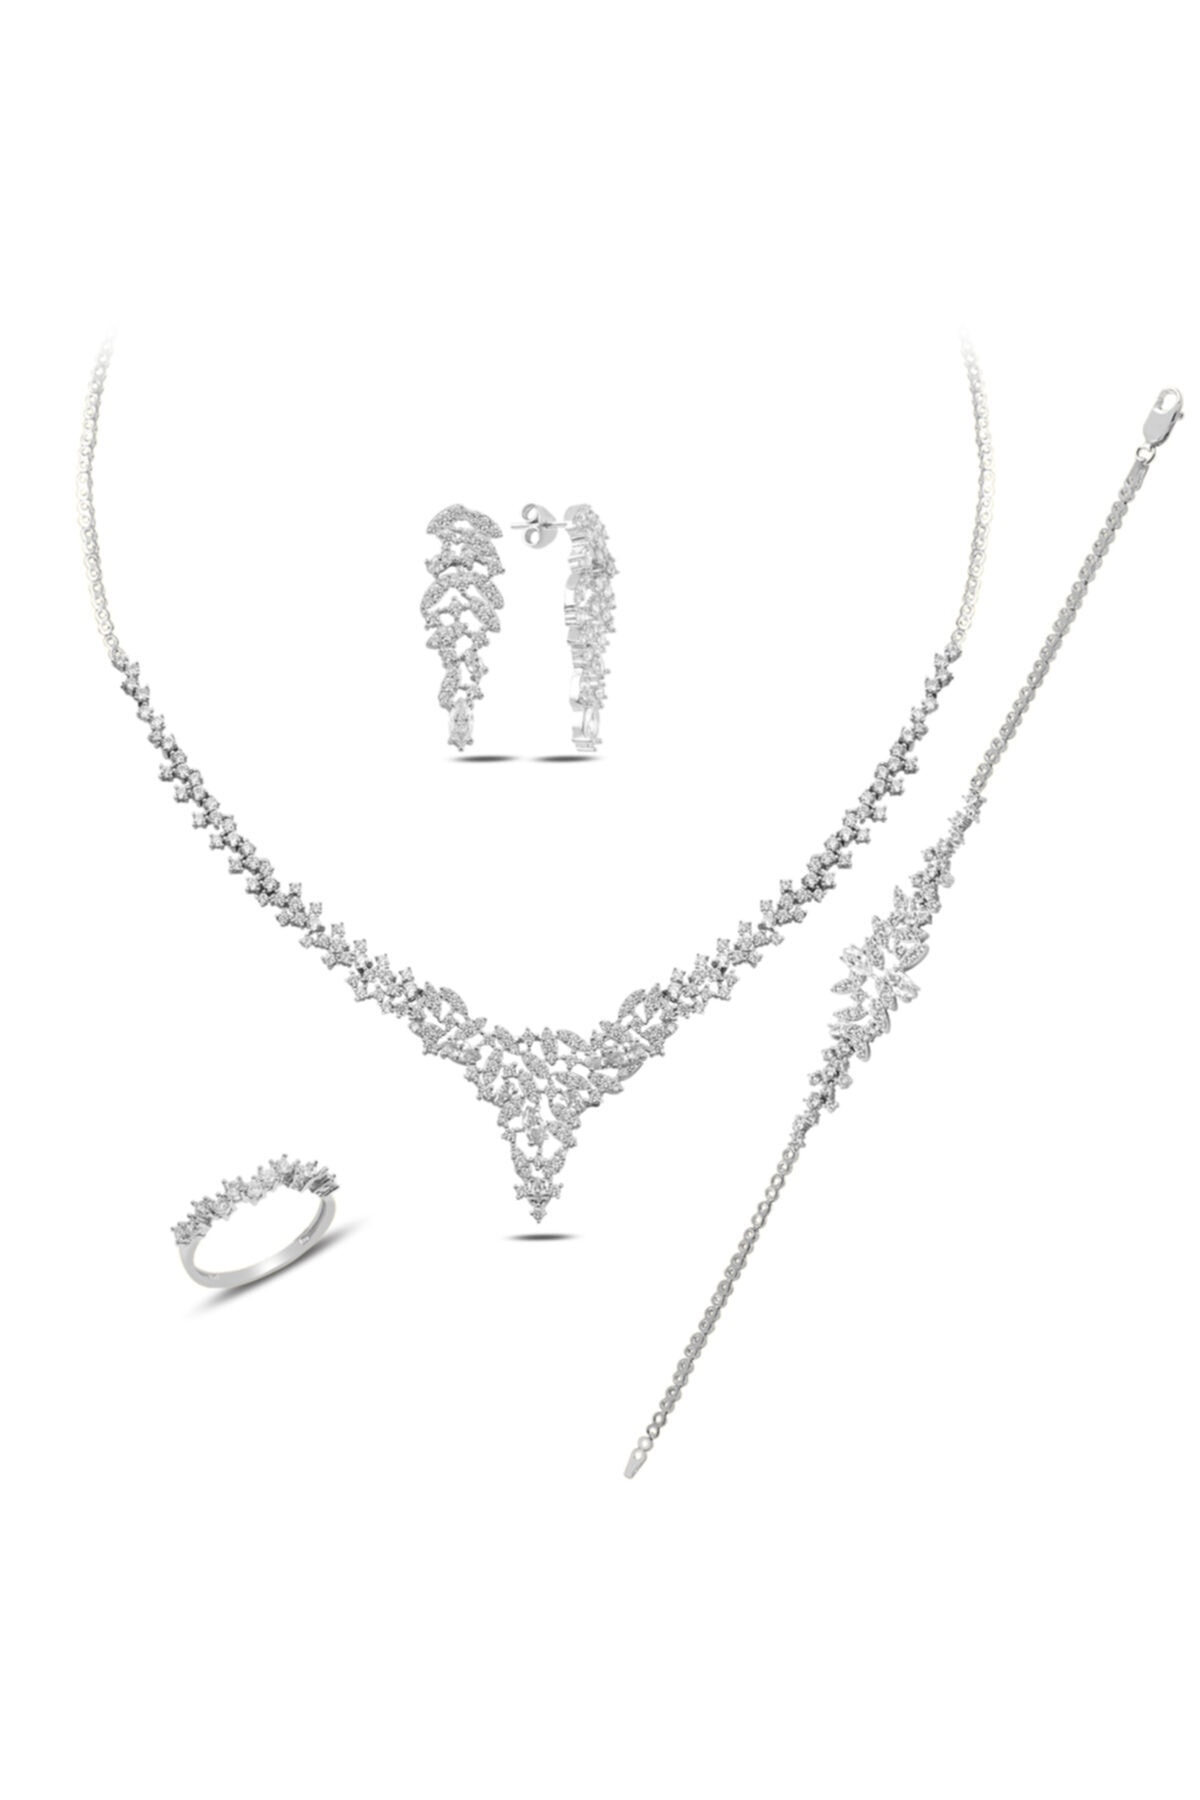 BARIŞ TAKI Kadın 925 Ayar Gümüş Mekik Pırlanta Montür Su Yolu Düğün Set 2